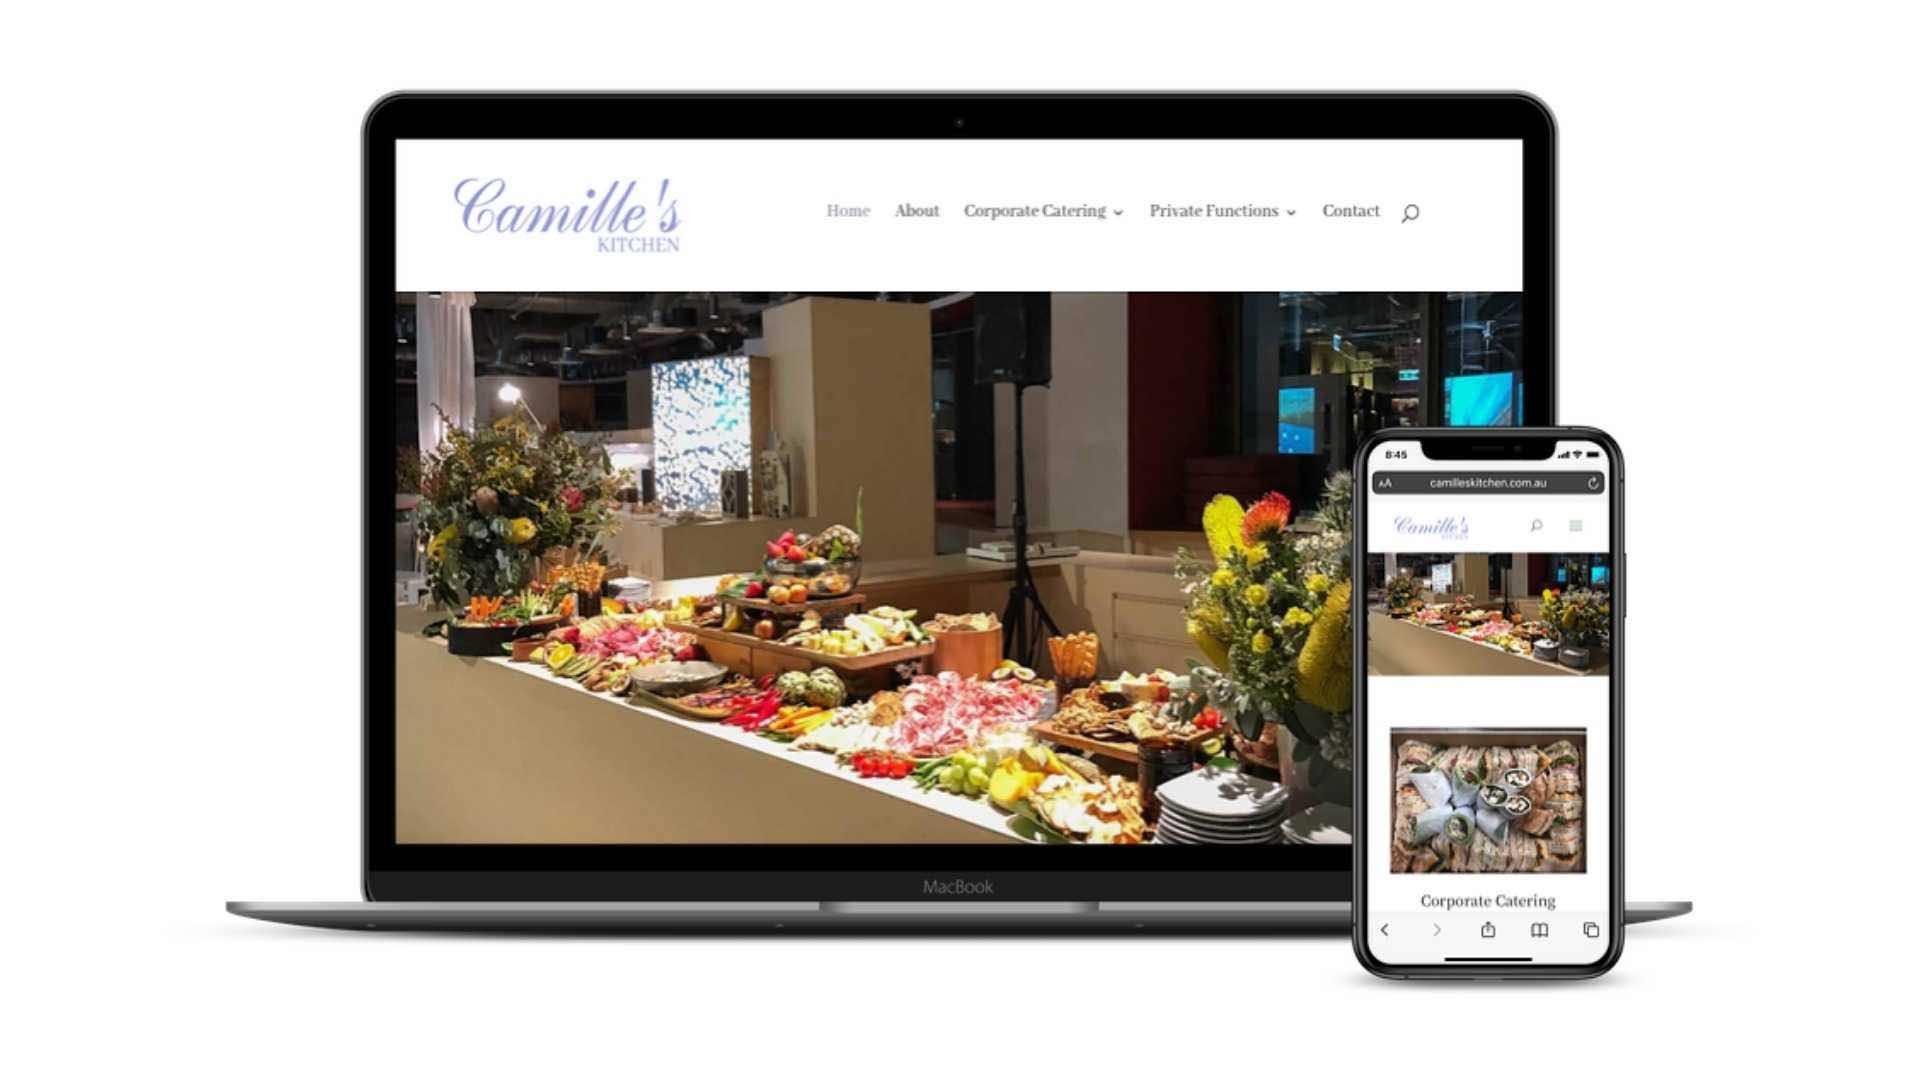 Camilles Kitchen website